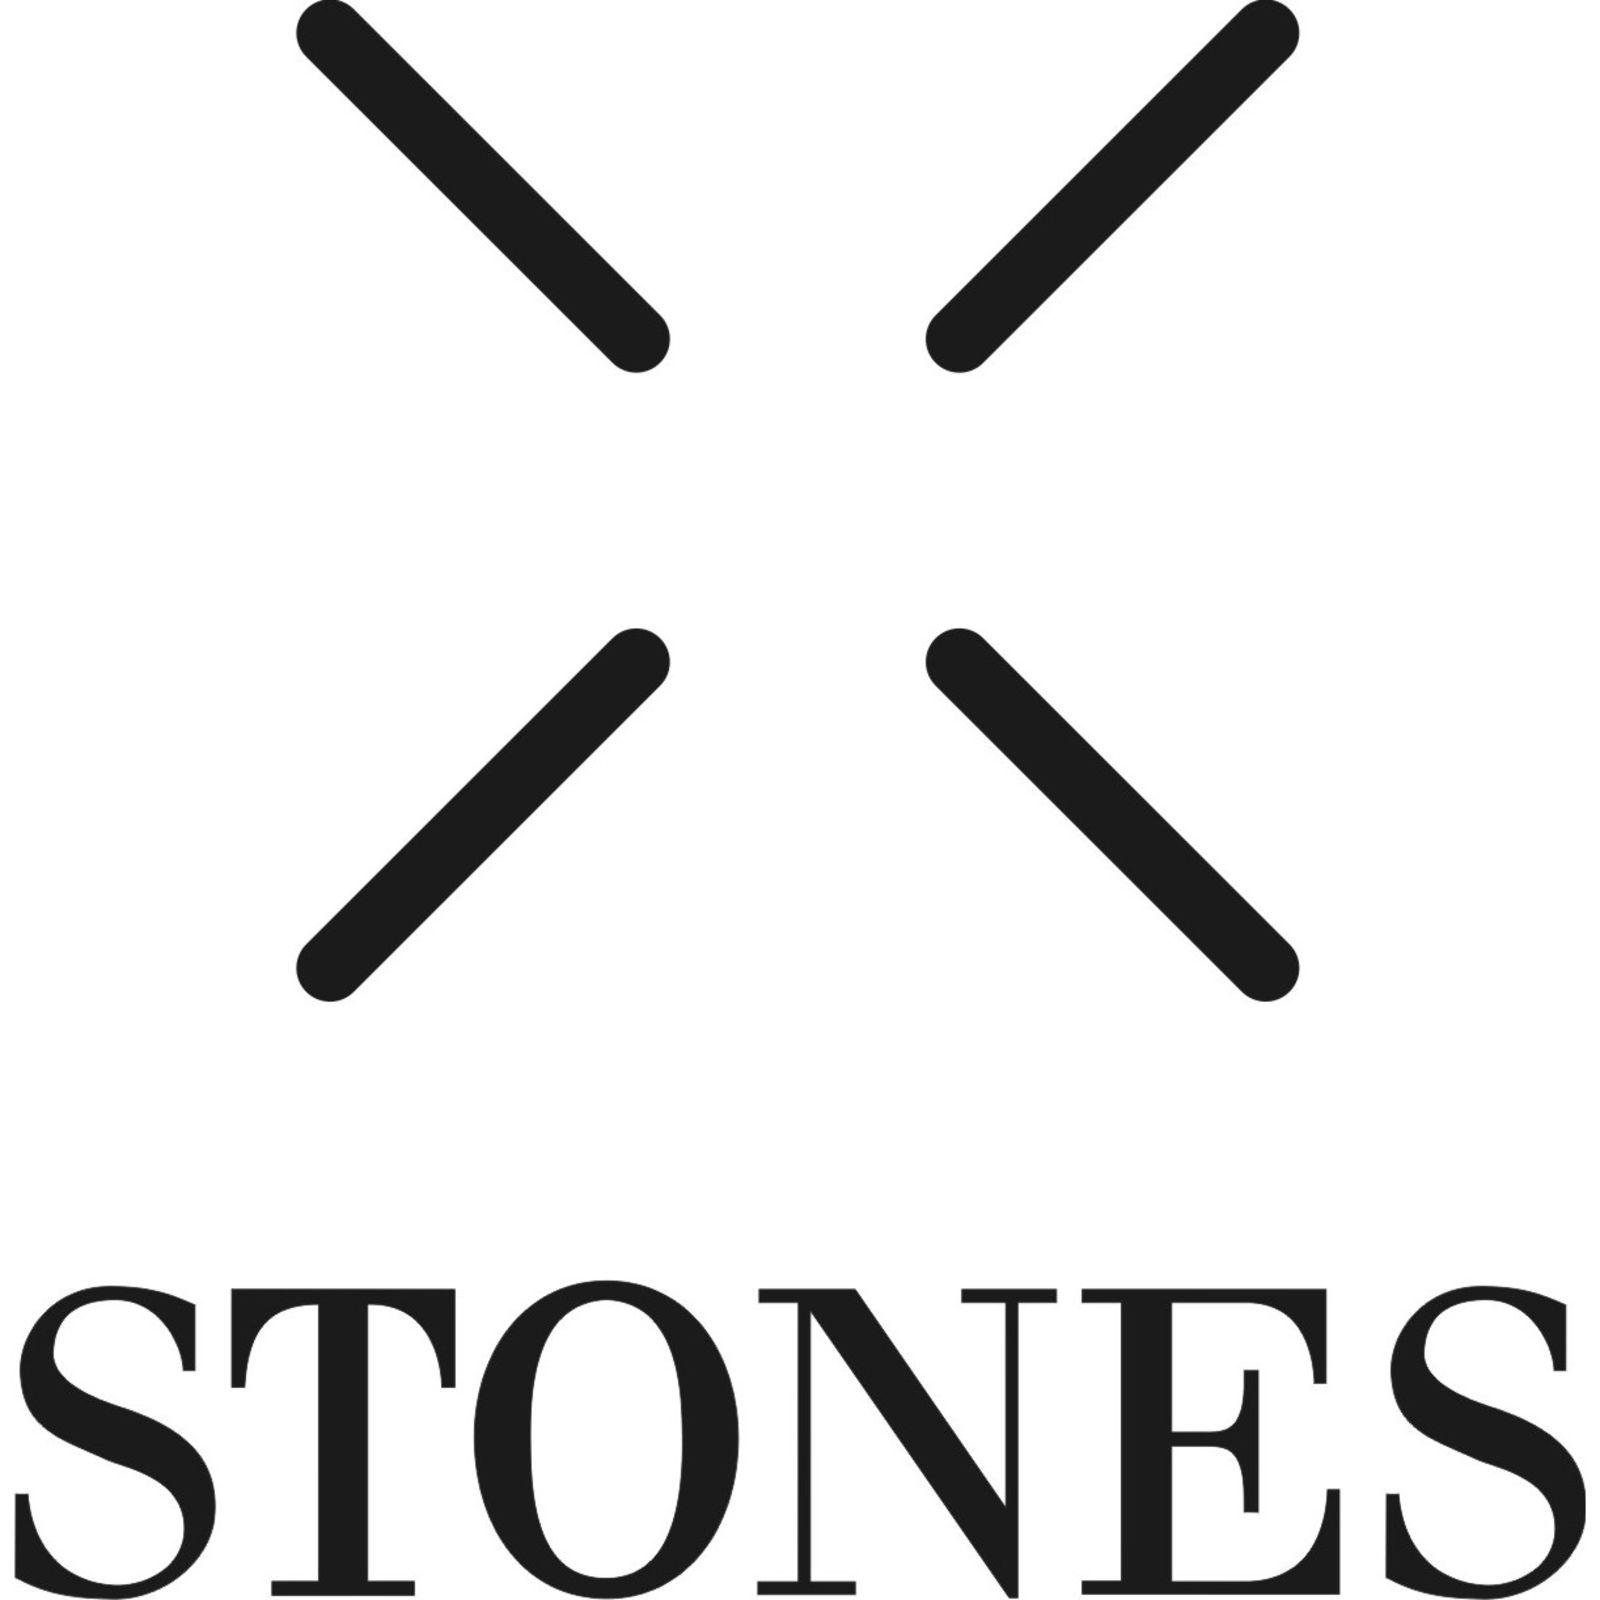 STONES (Bild 1)